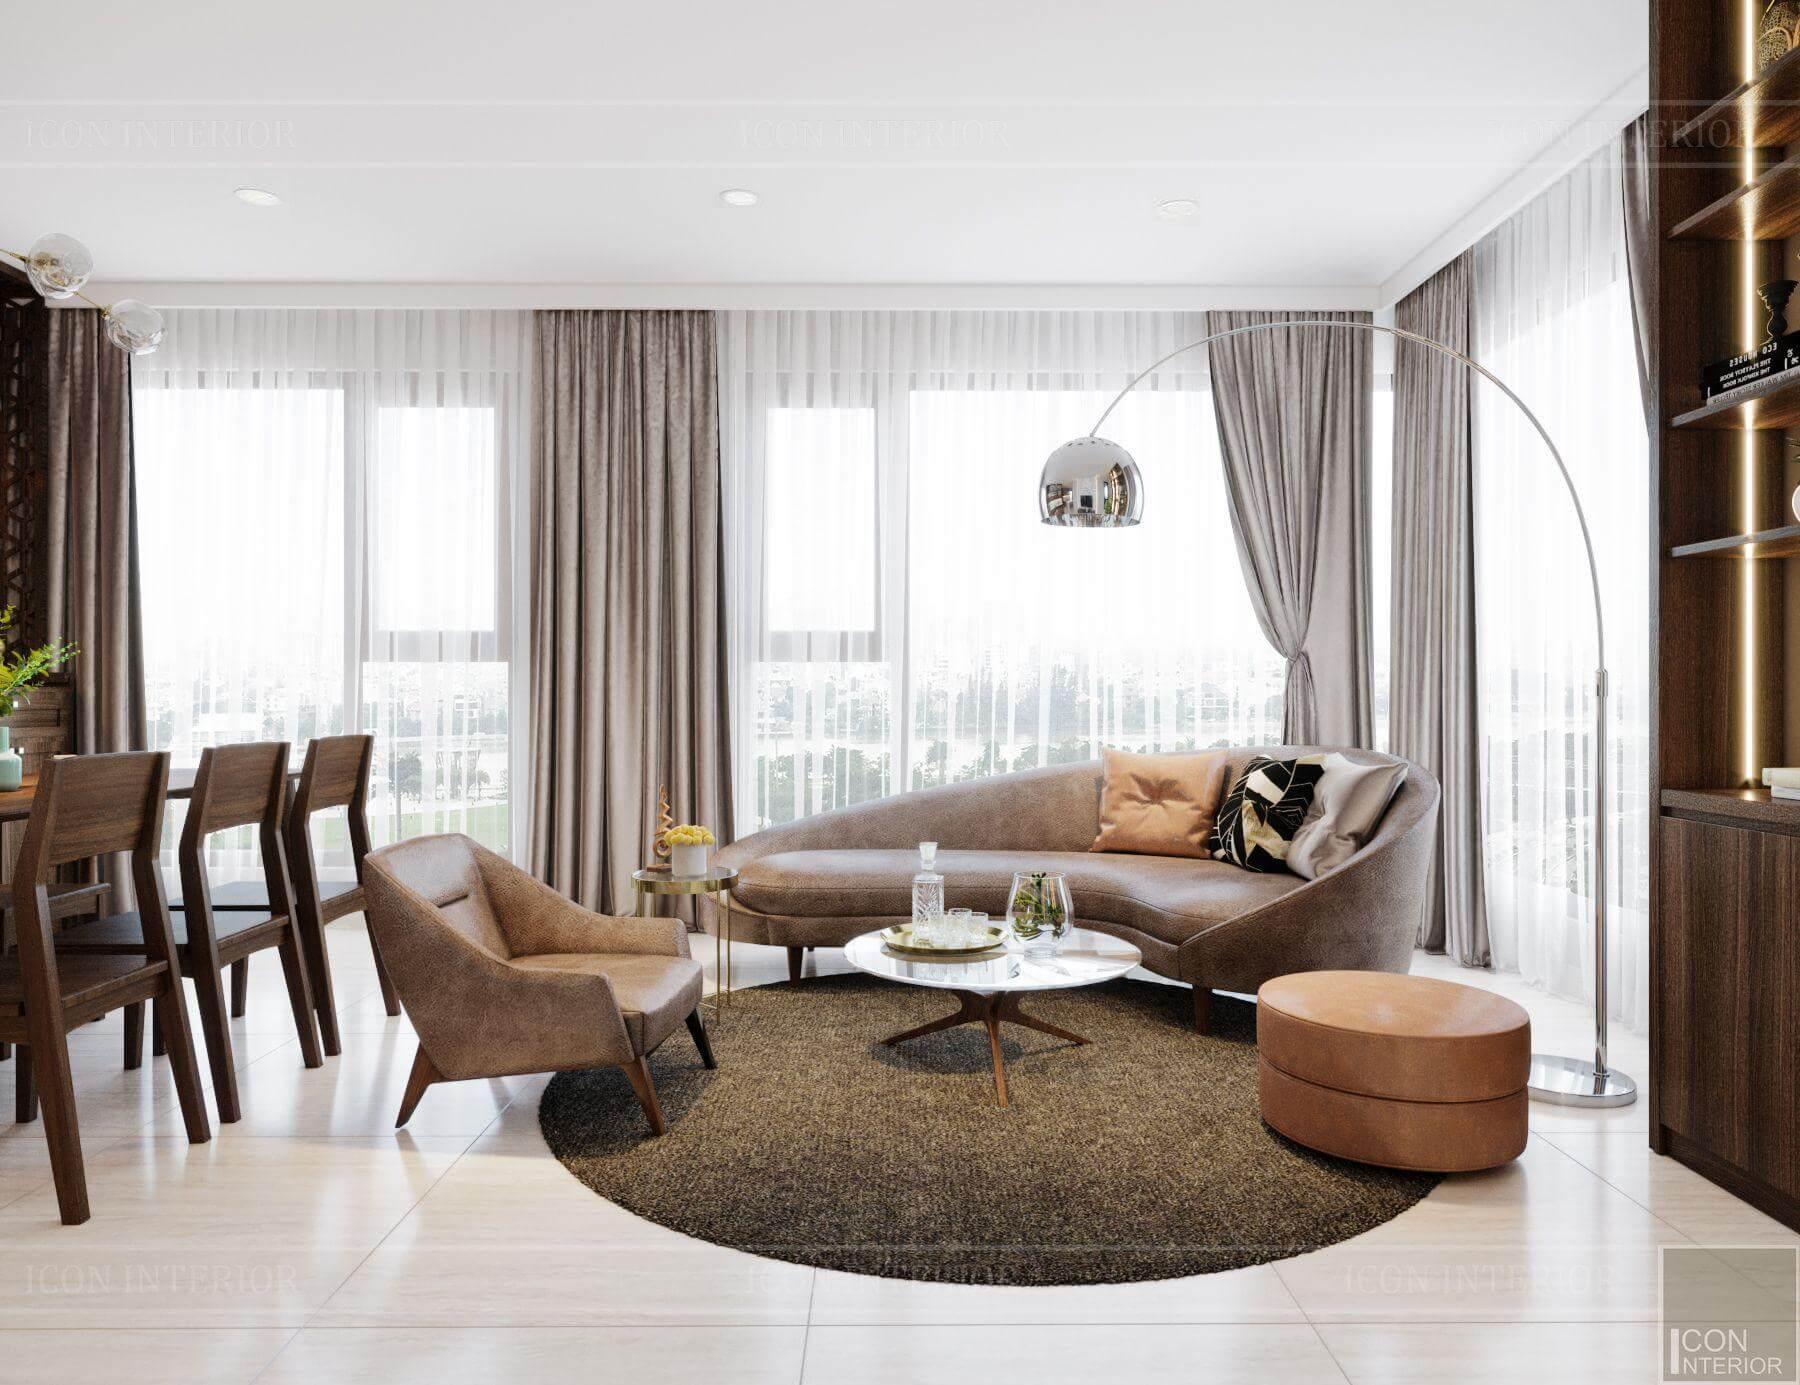 thiết kế nội thất phòng khách căn hộ chung cư 90m2